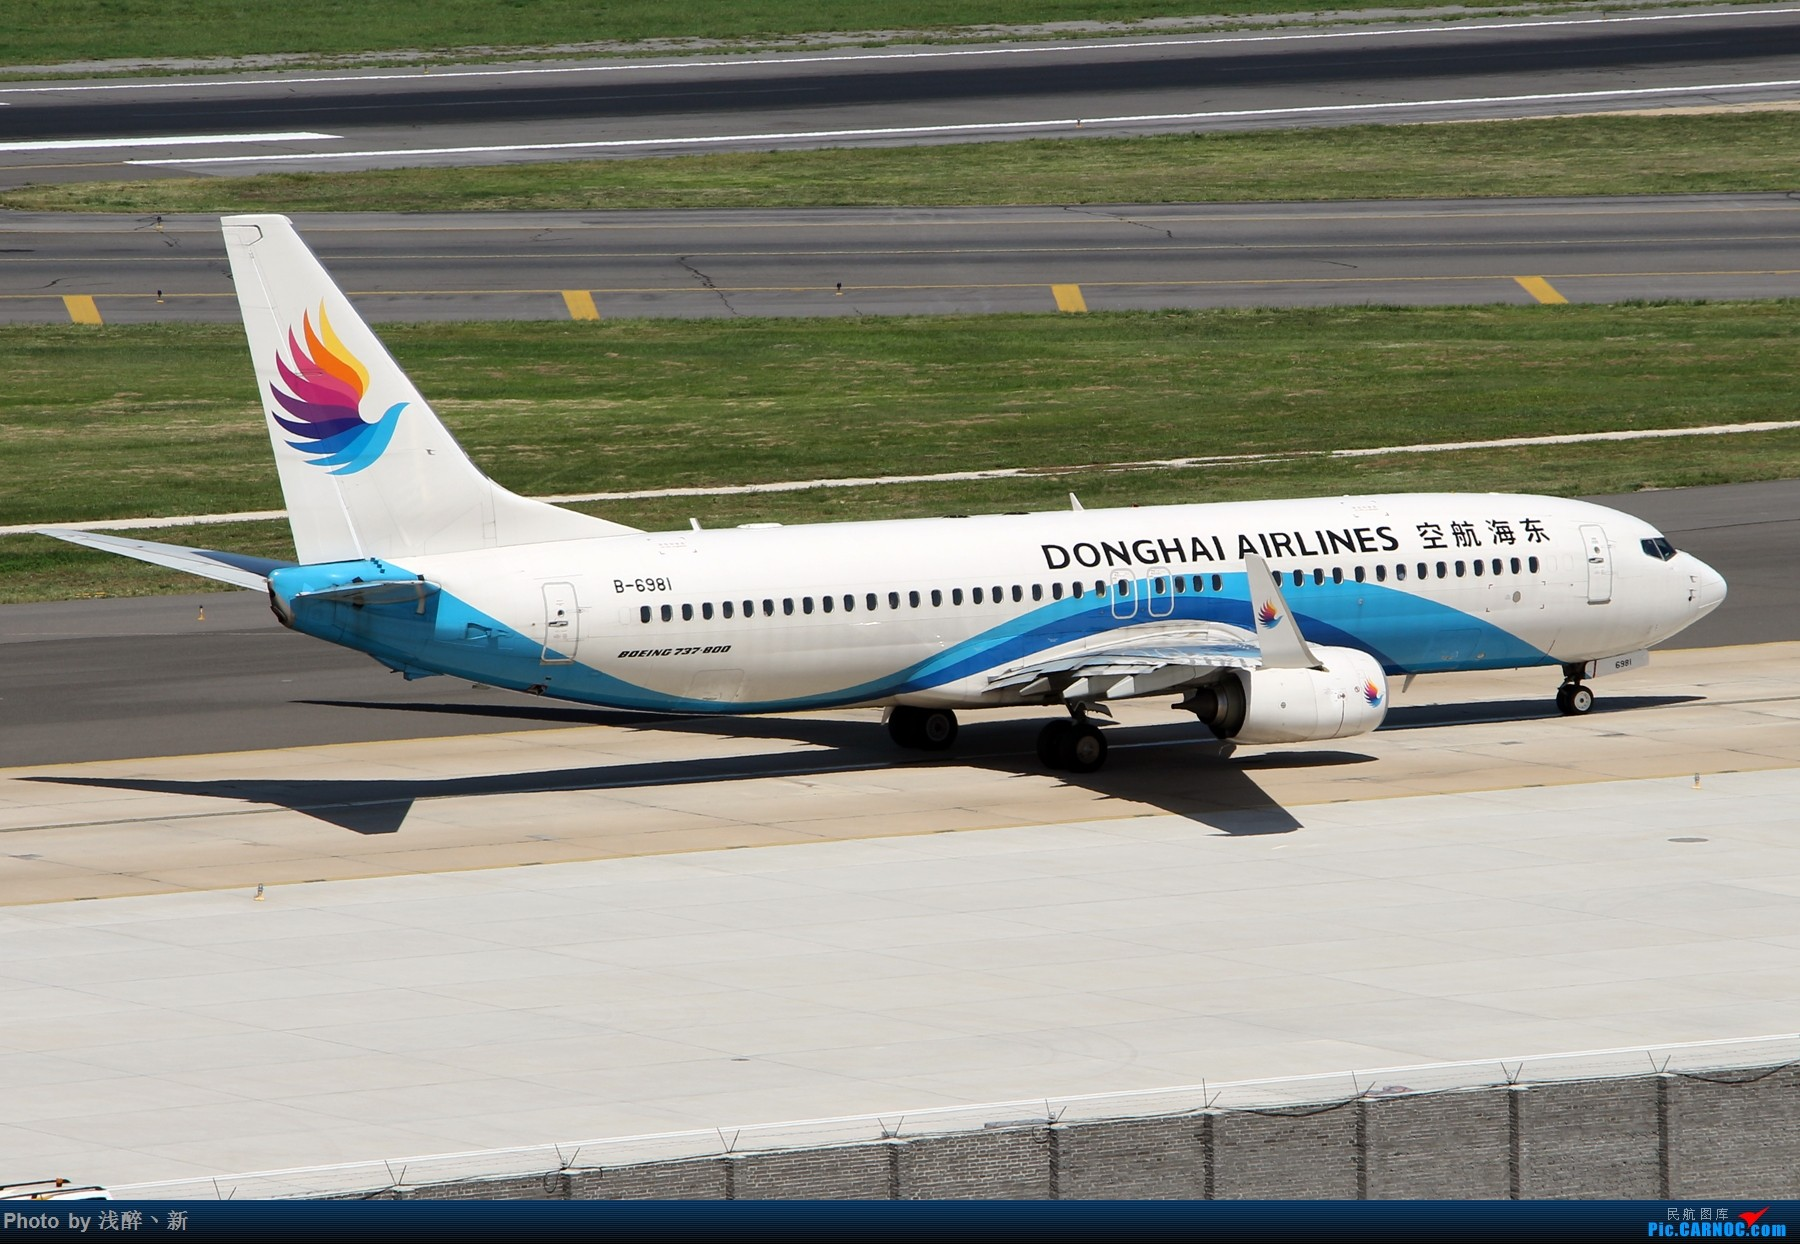 Re:[原创]DLC 8.26 日常[补] BOEING 737-800 B-6981 中国大连国际机场